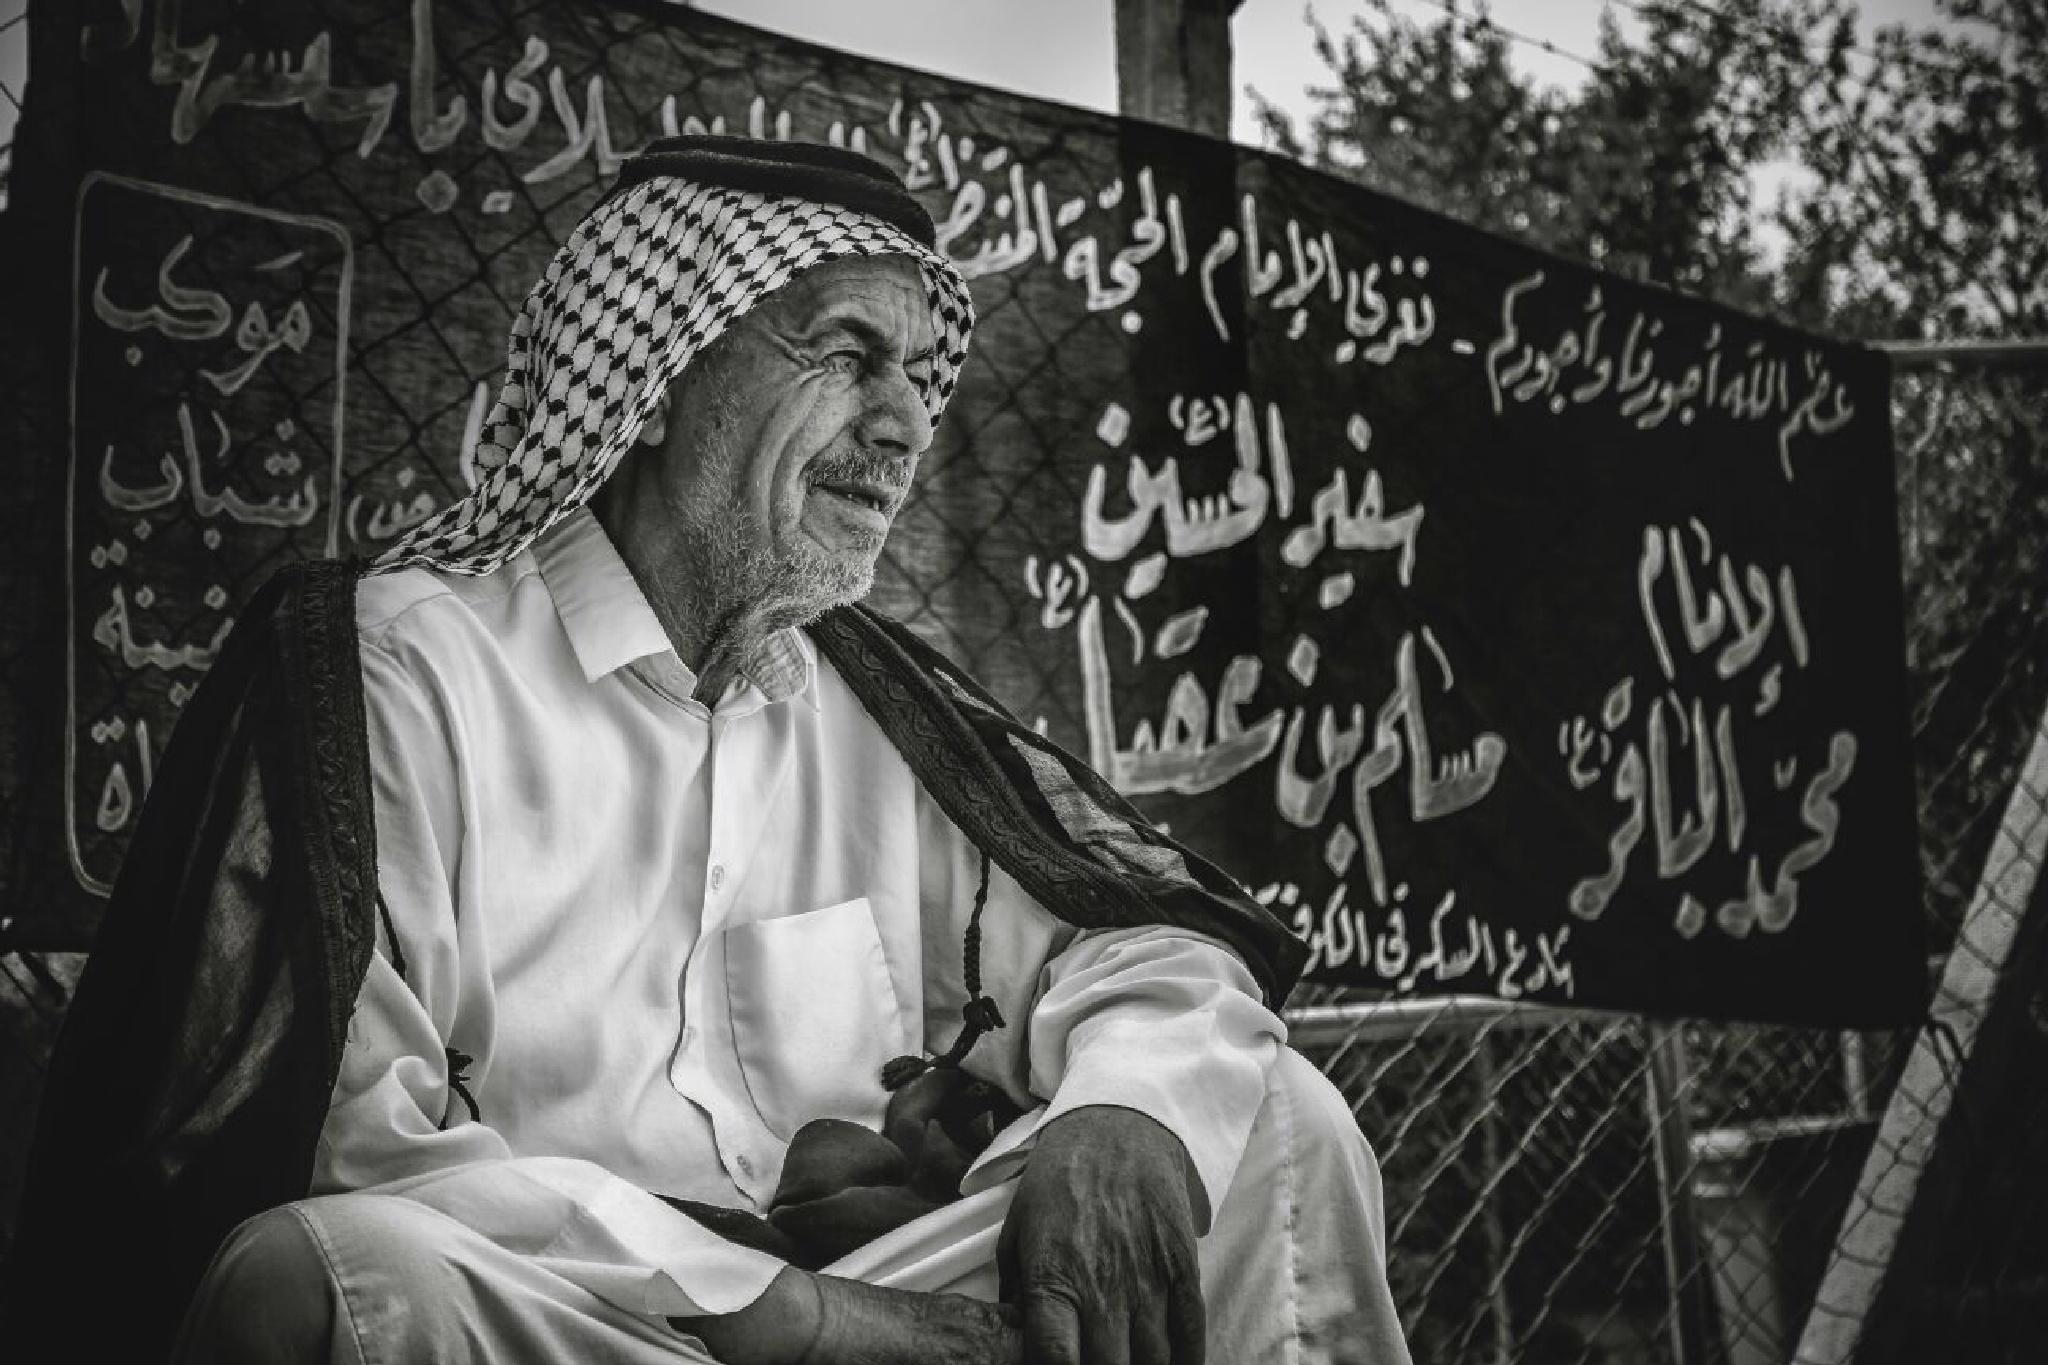 Worries of life by AymanAlwaeli